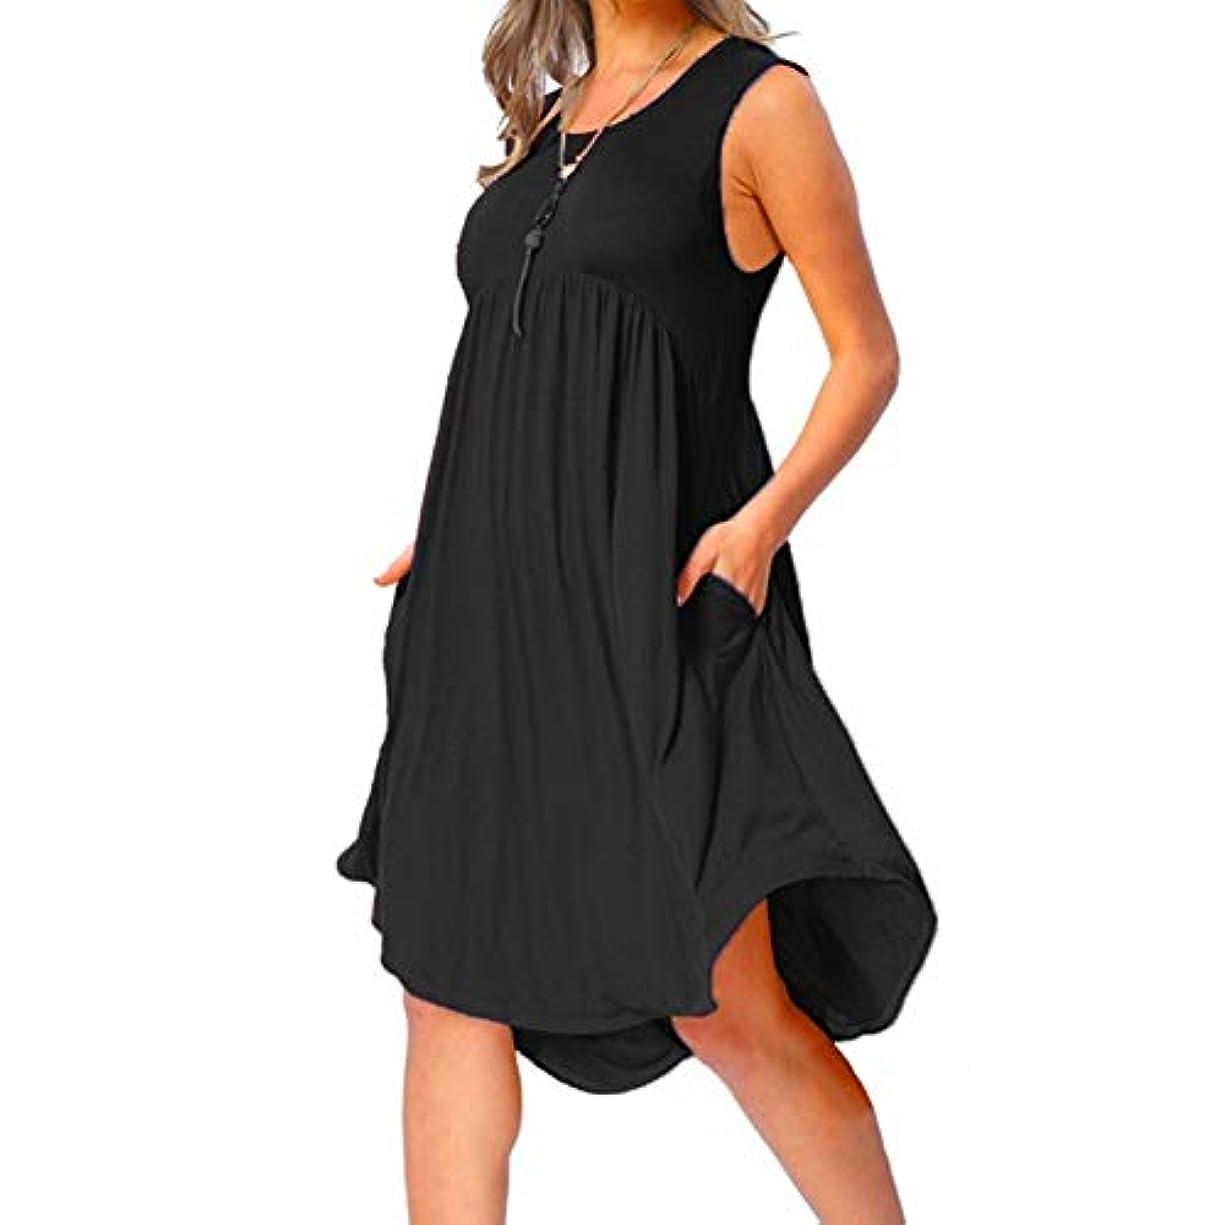 分布ランダム告白MIFAN の女性のドレスカジュアルな不規則なドレスルースサマービーチTシャツドレス